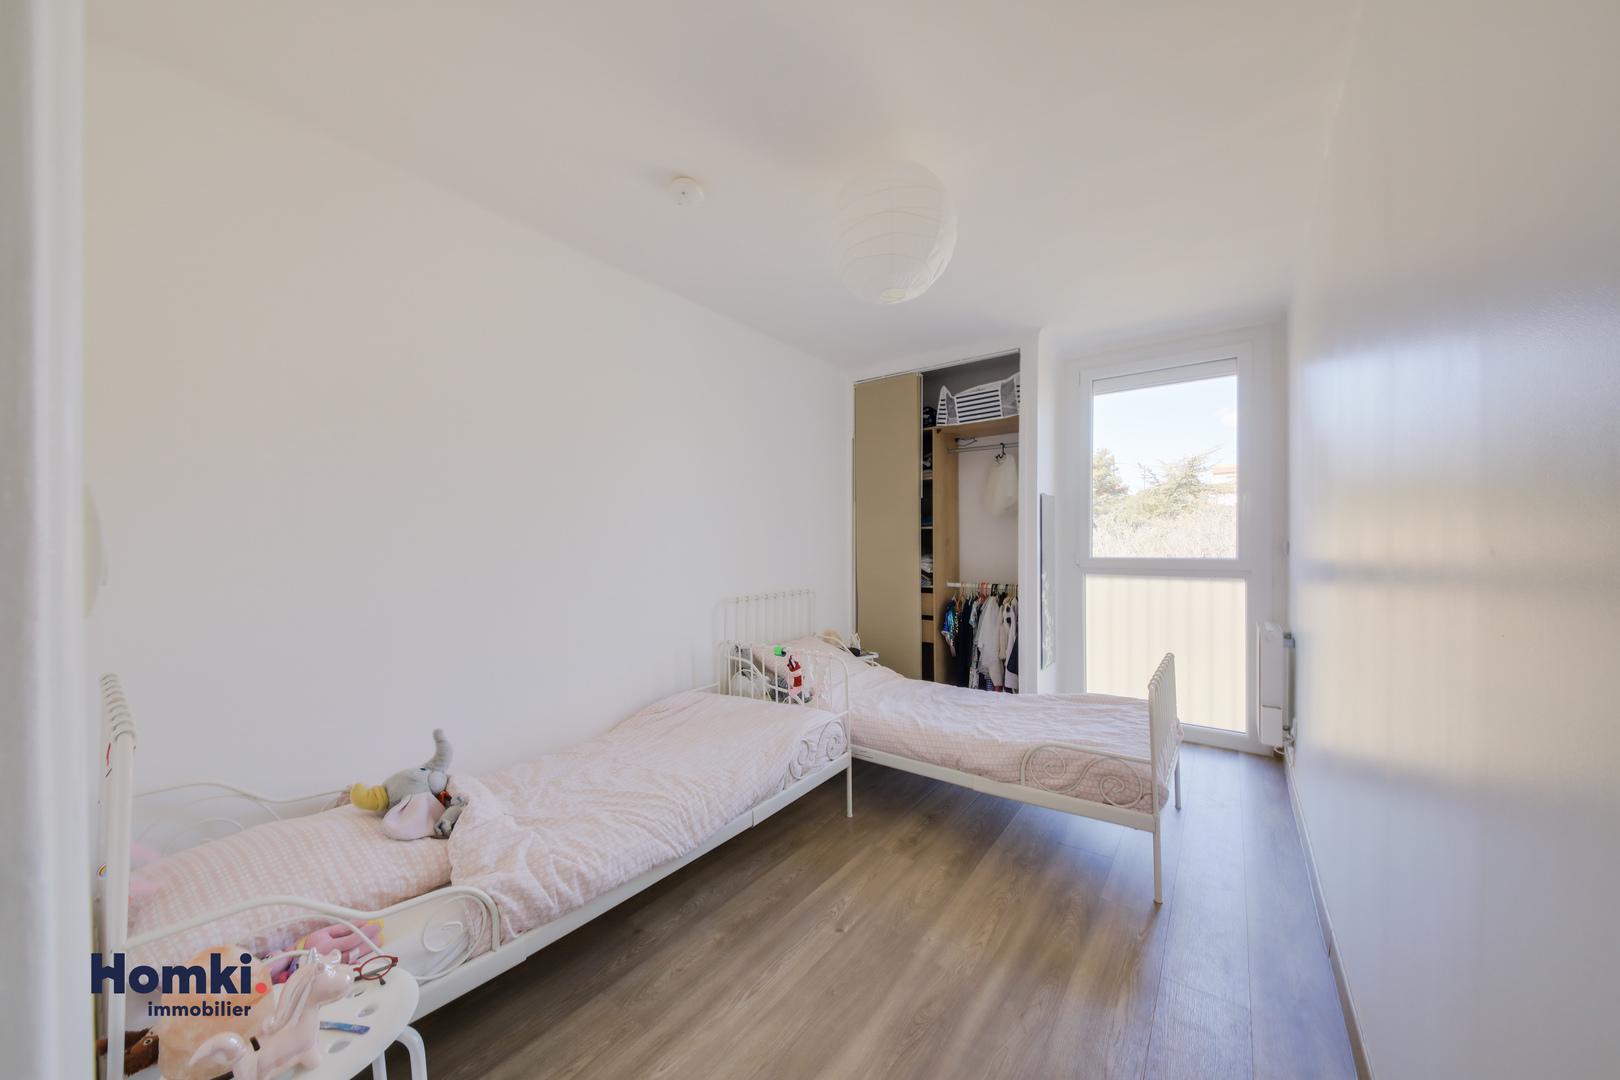 Vente Appartement 80 m² T4 13400_10